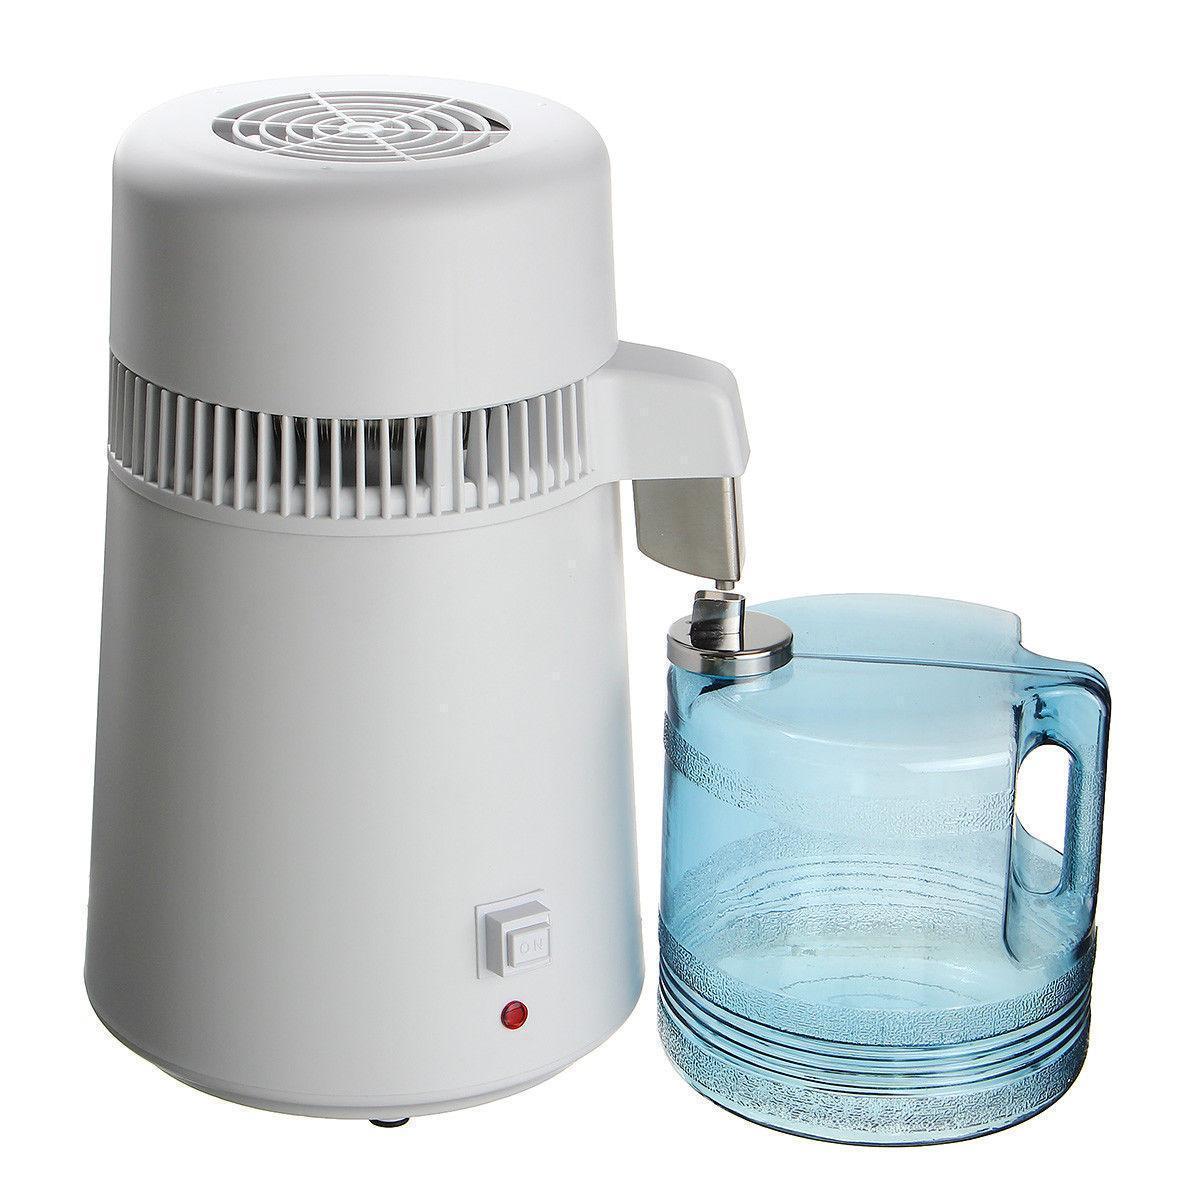 Бытовой дистиллятор воды - BL 9803. Тотальная очищение. Фильтр для очистки воды